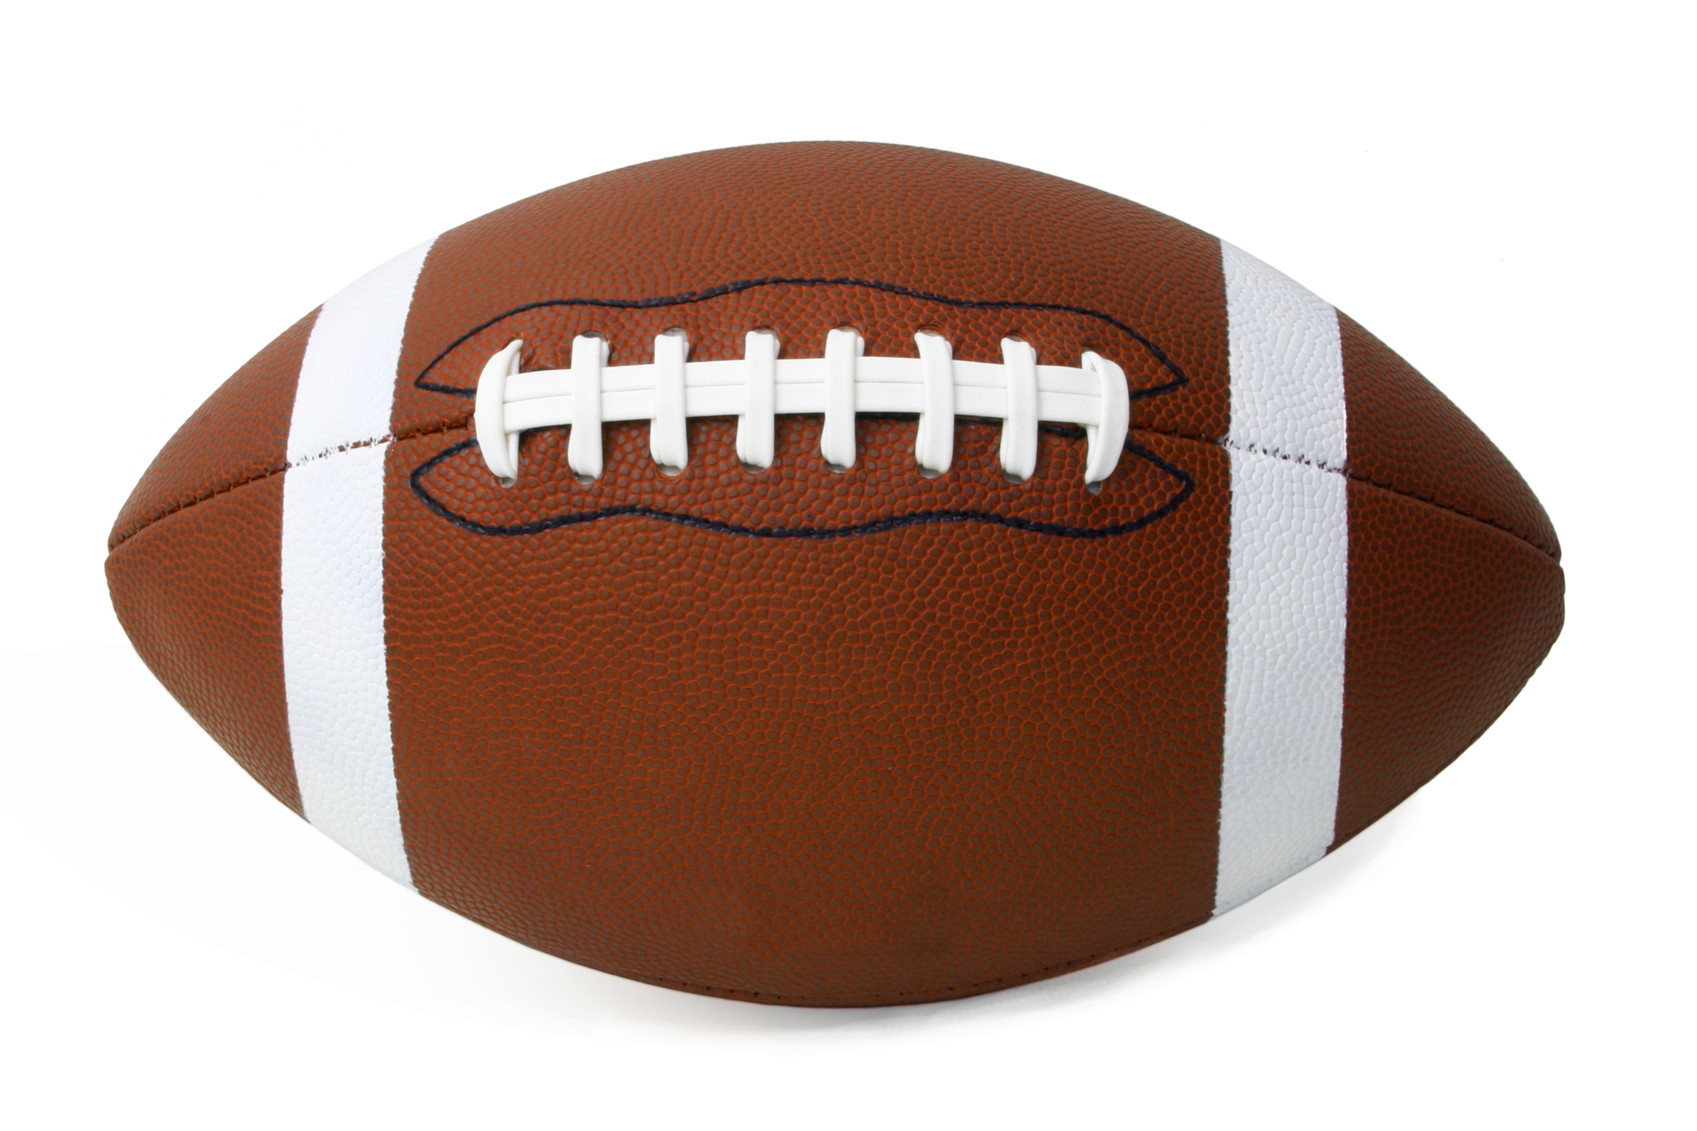 American Football Ball - ClipArt Best